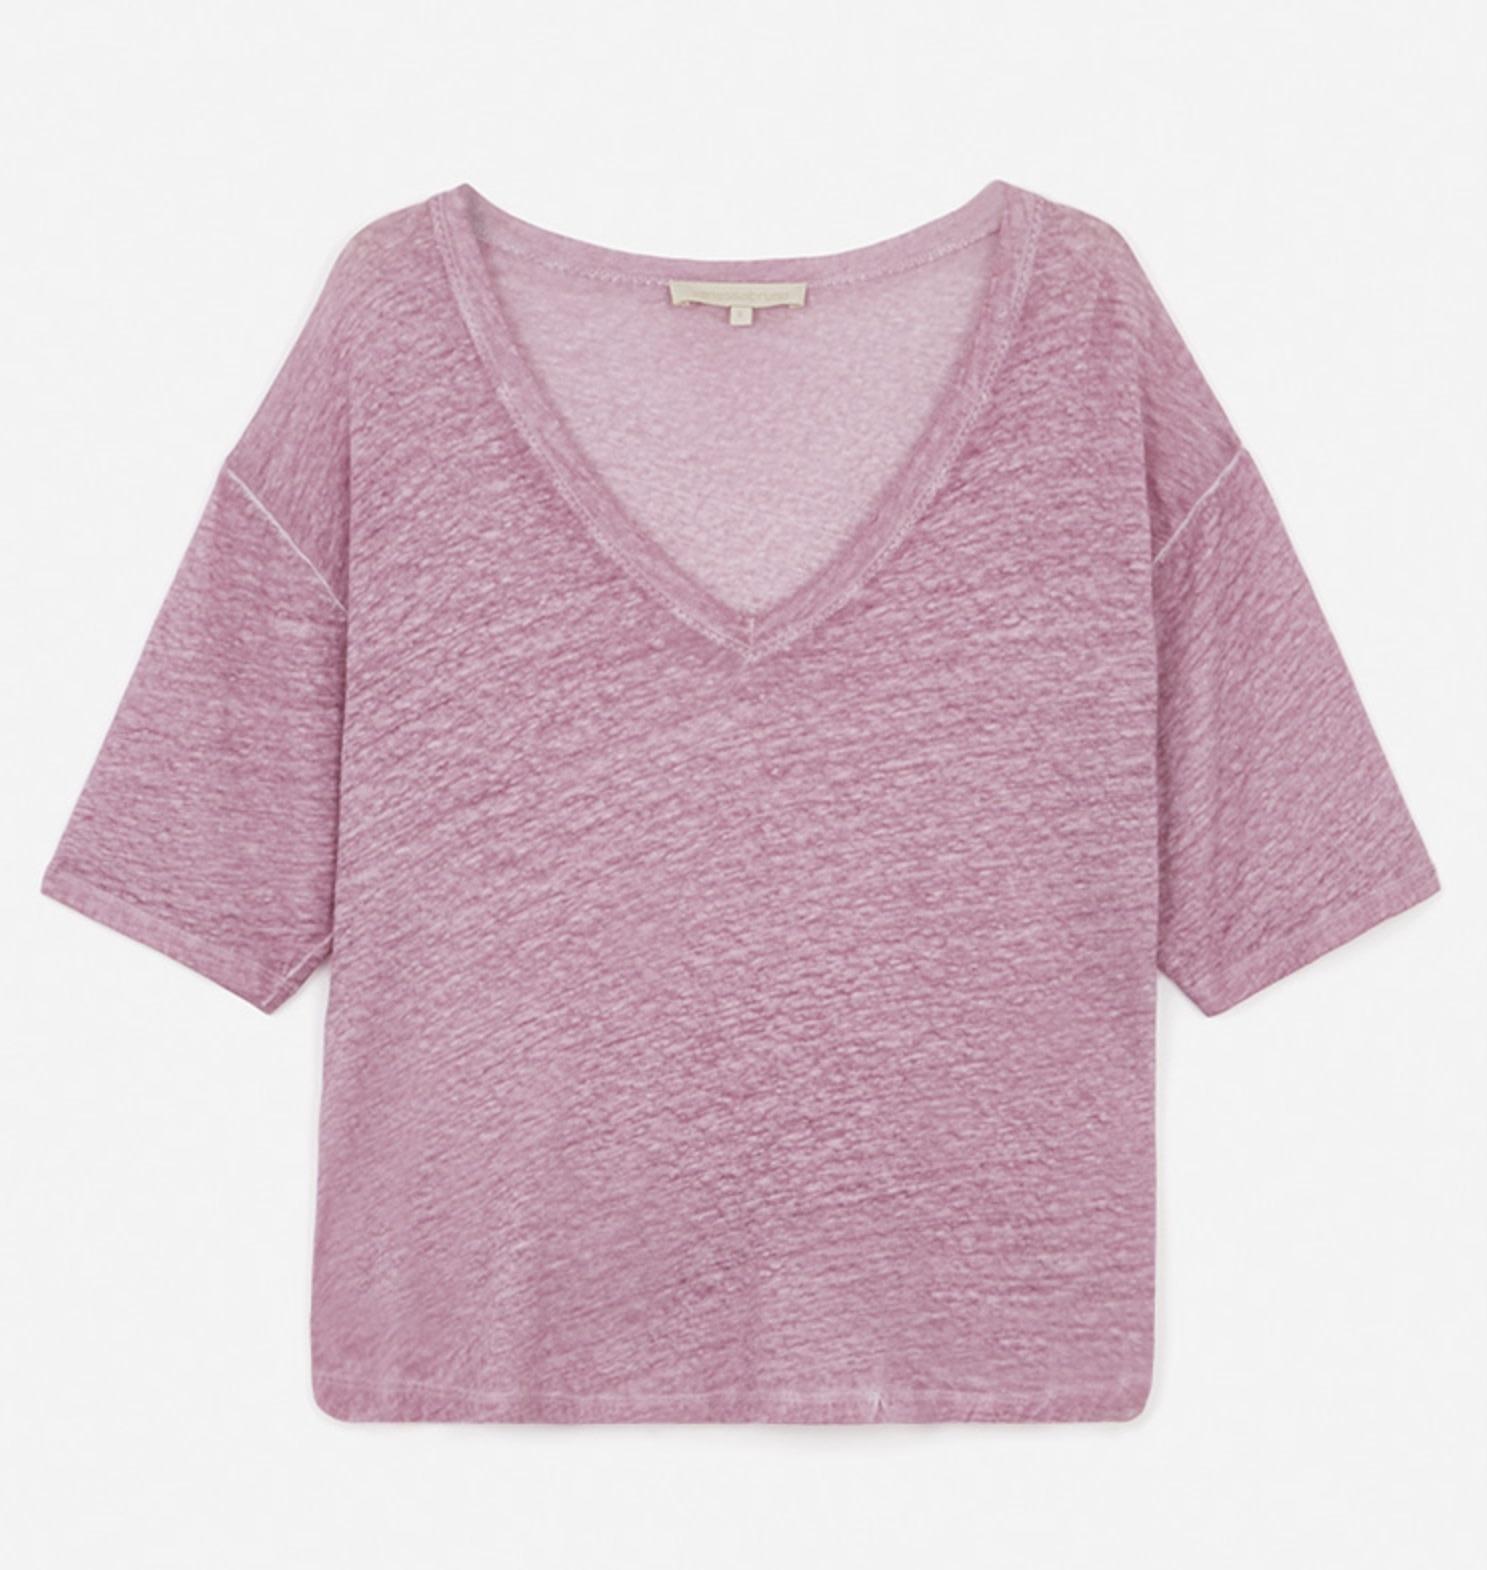 Neil t-shirt Vanessa Bruno-4